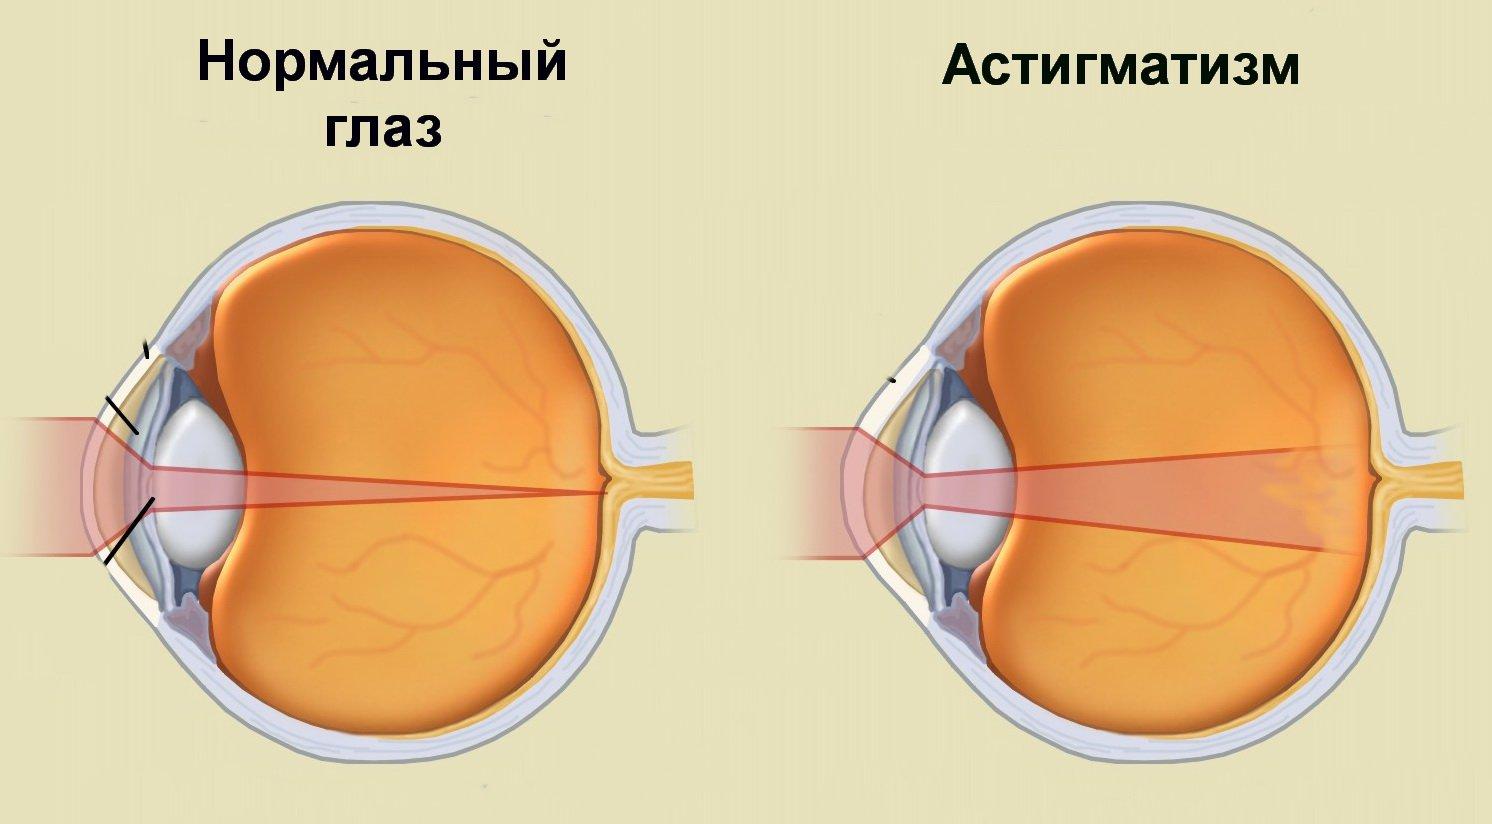 látás-helyreállítási időszak felhívni vigyázzon a szemére